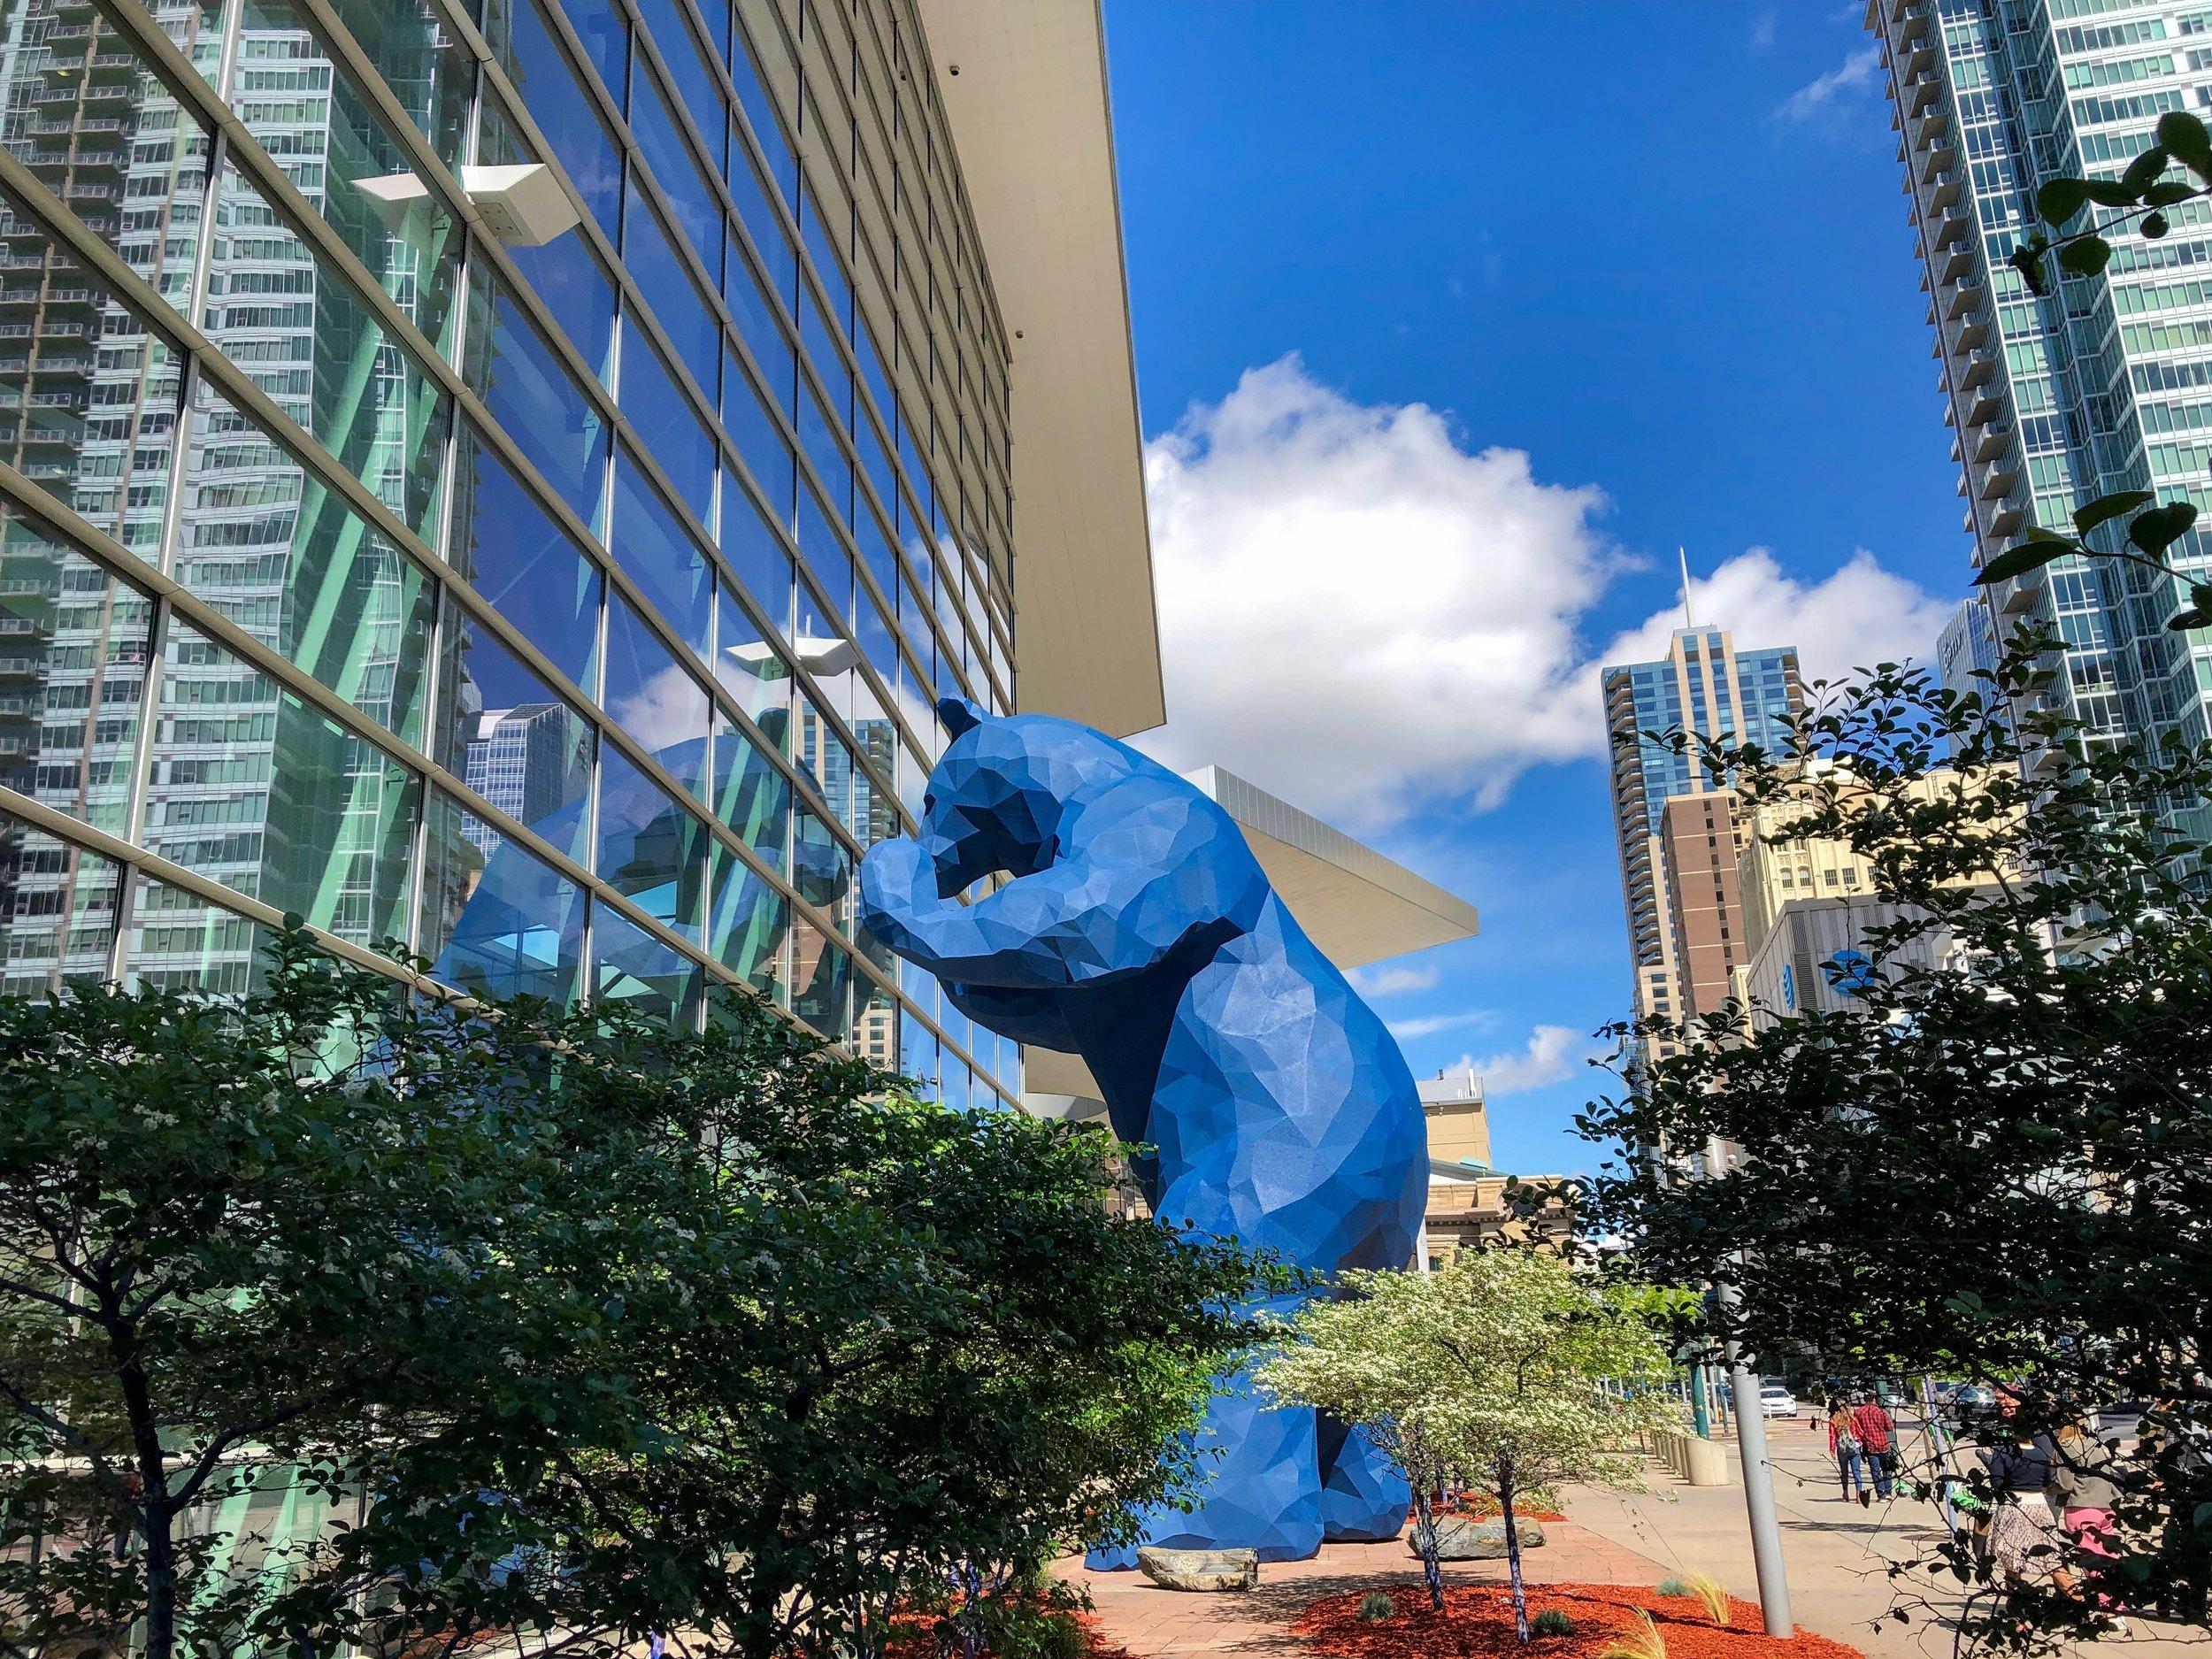 Big Blue Bear Colorado Convention Center.JPG